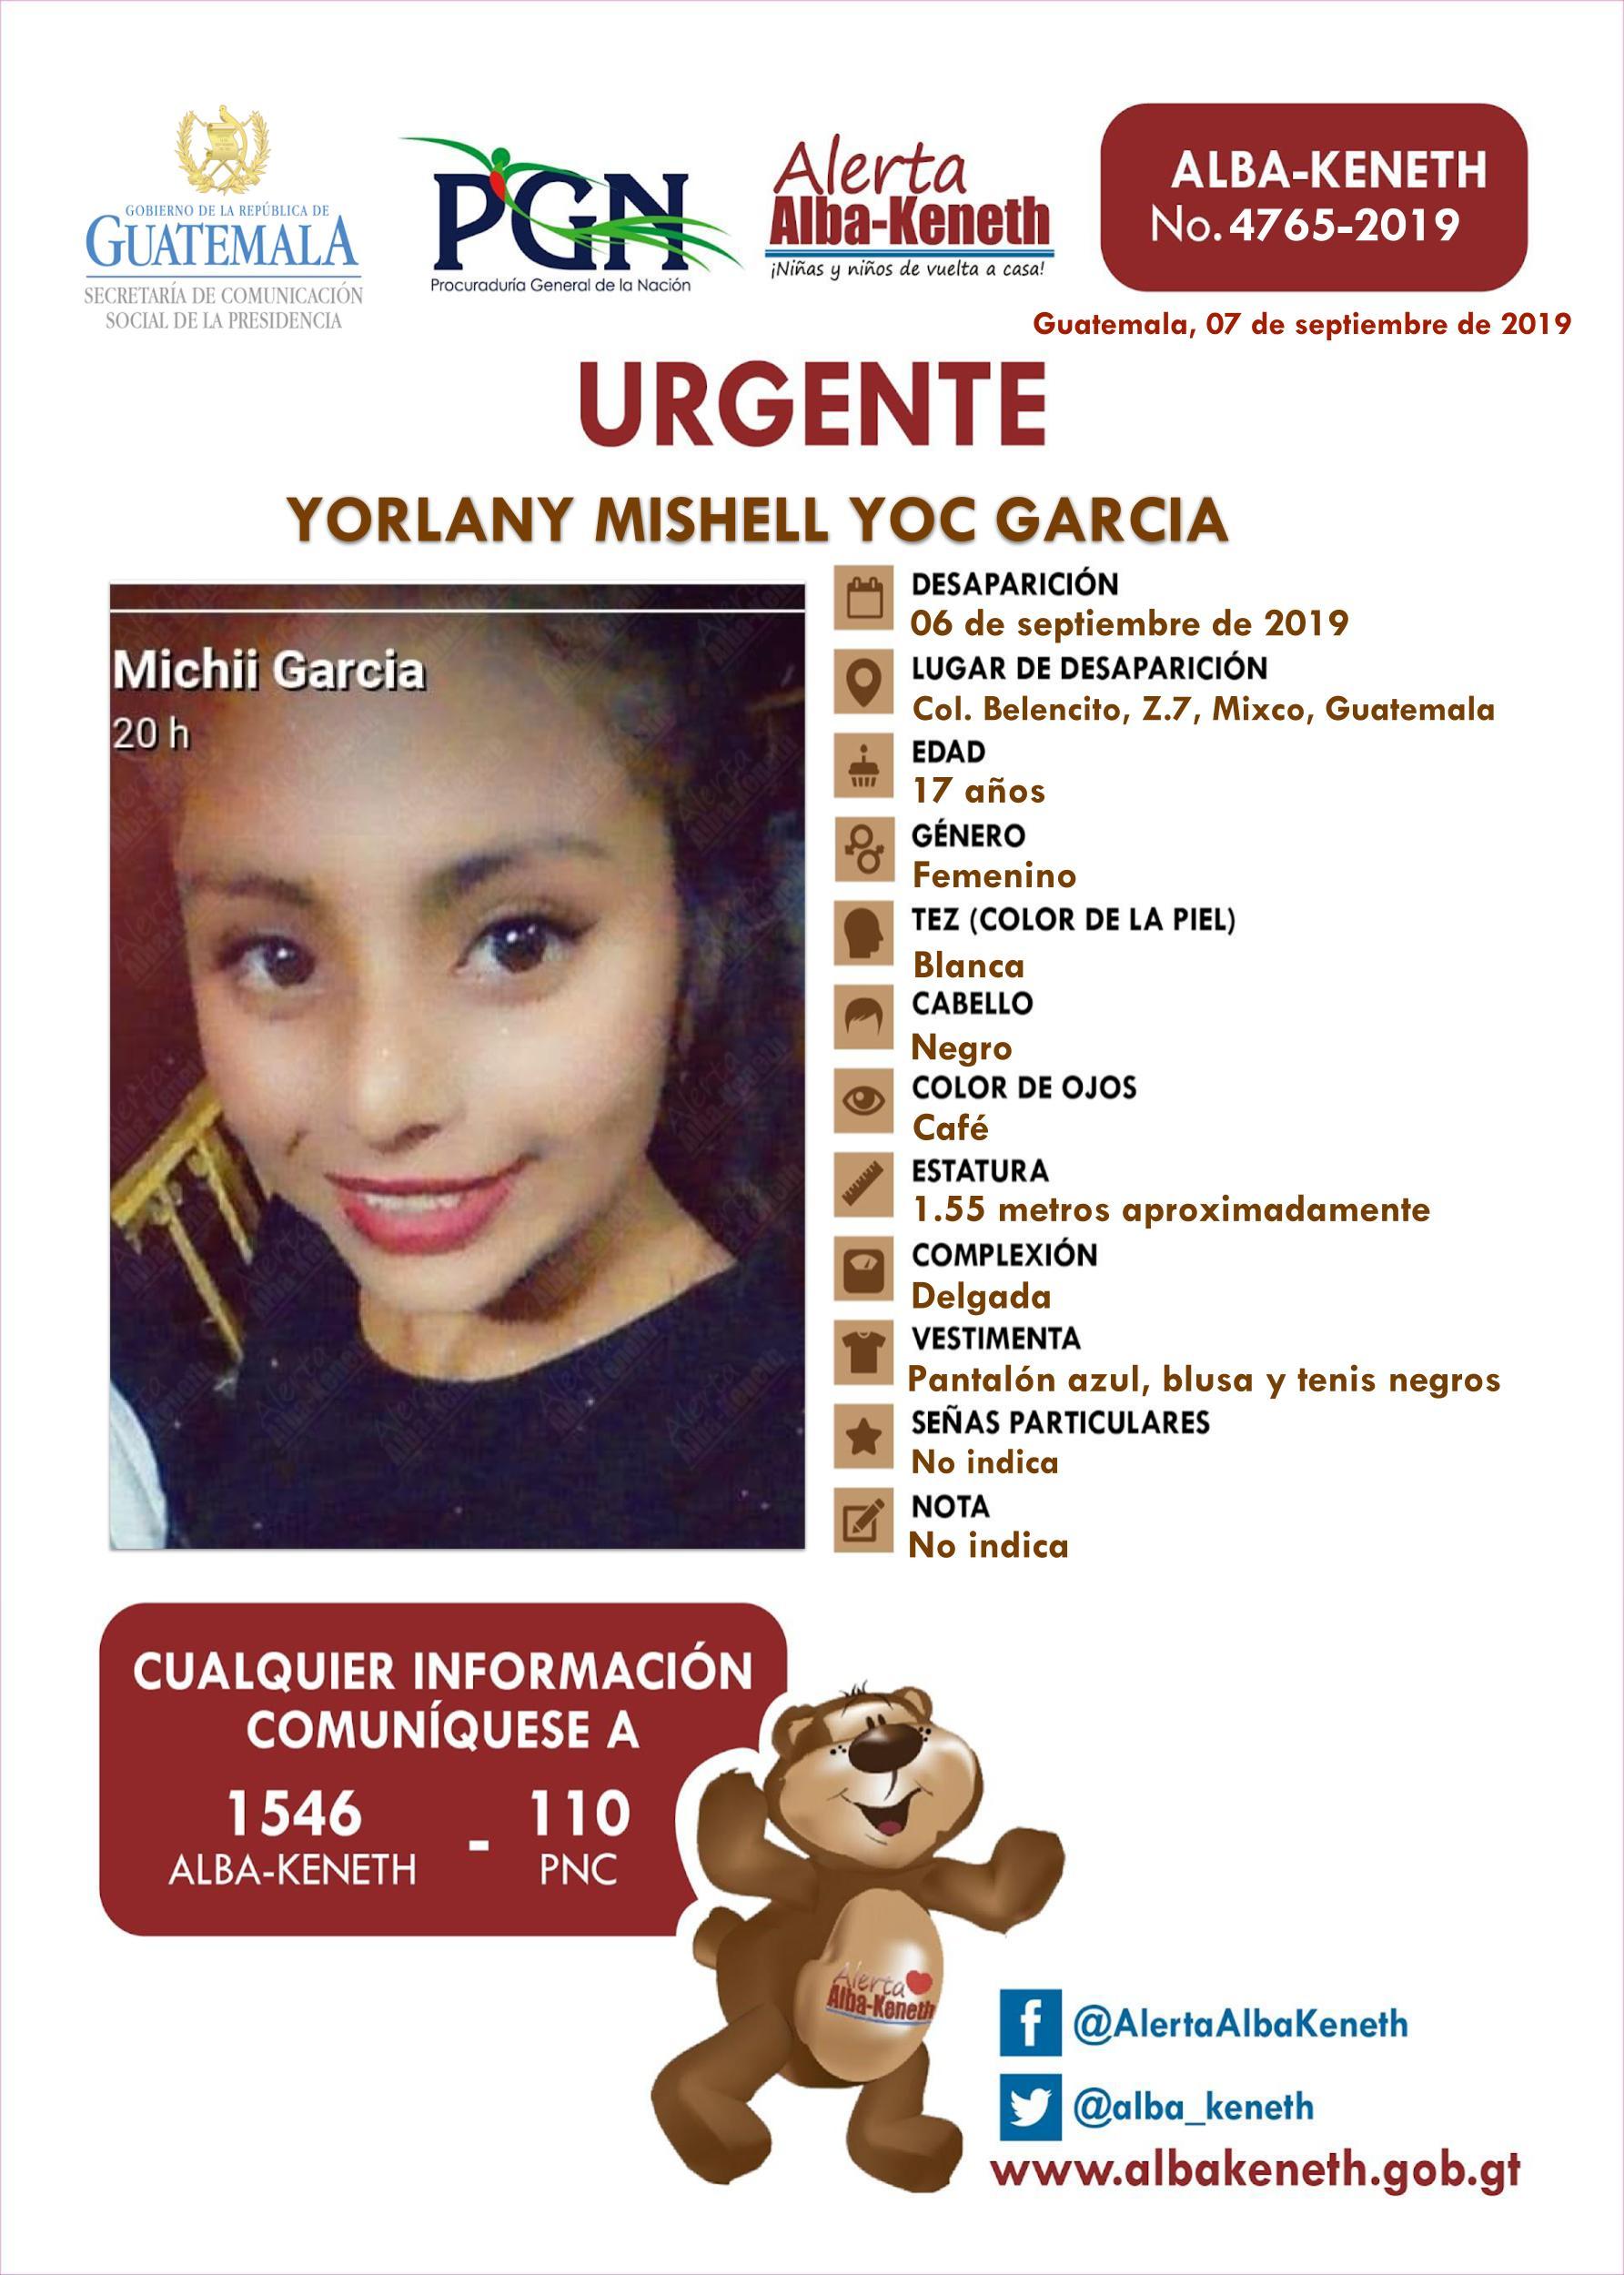 Yorlany Mishell Yoc Garcia